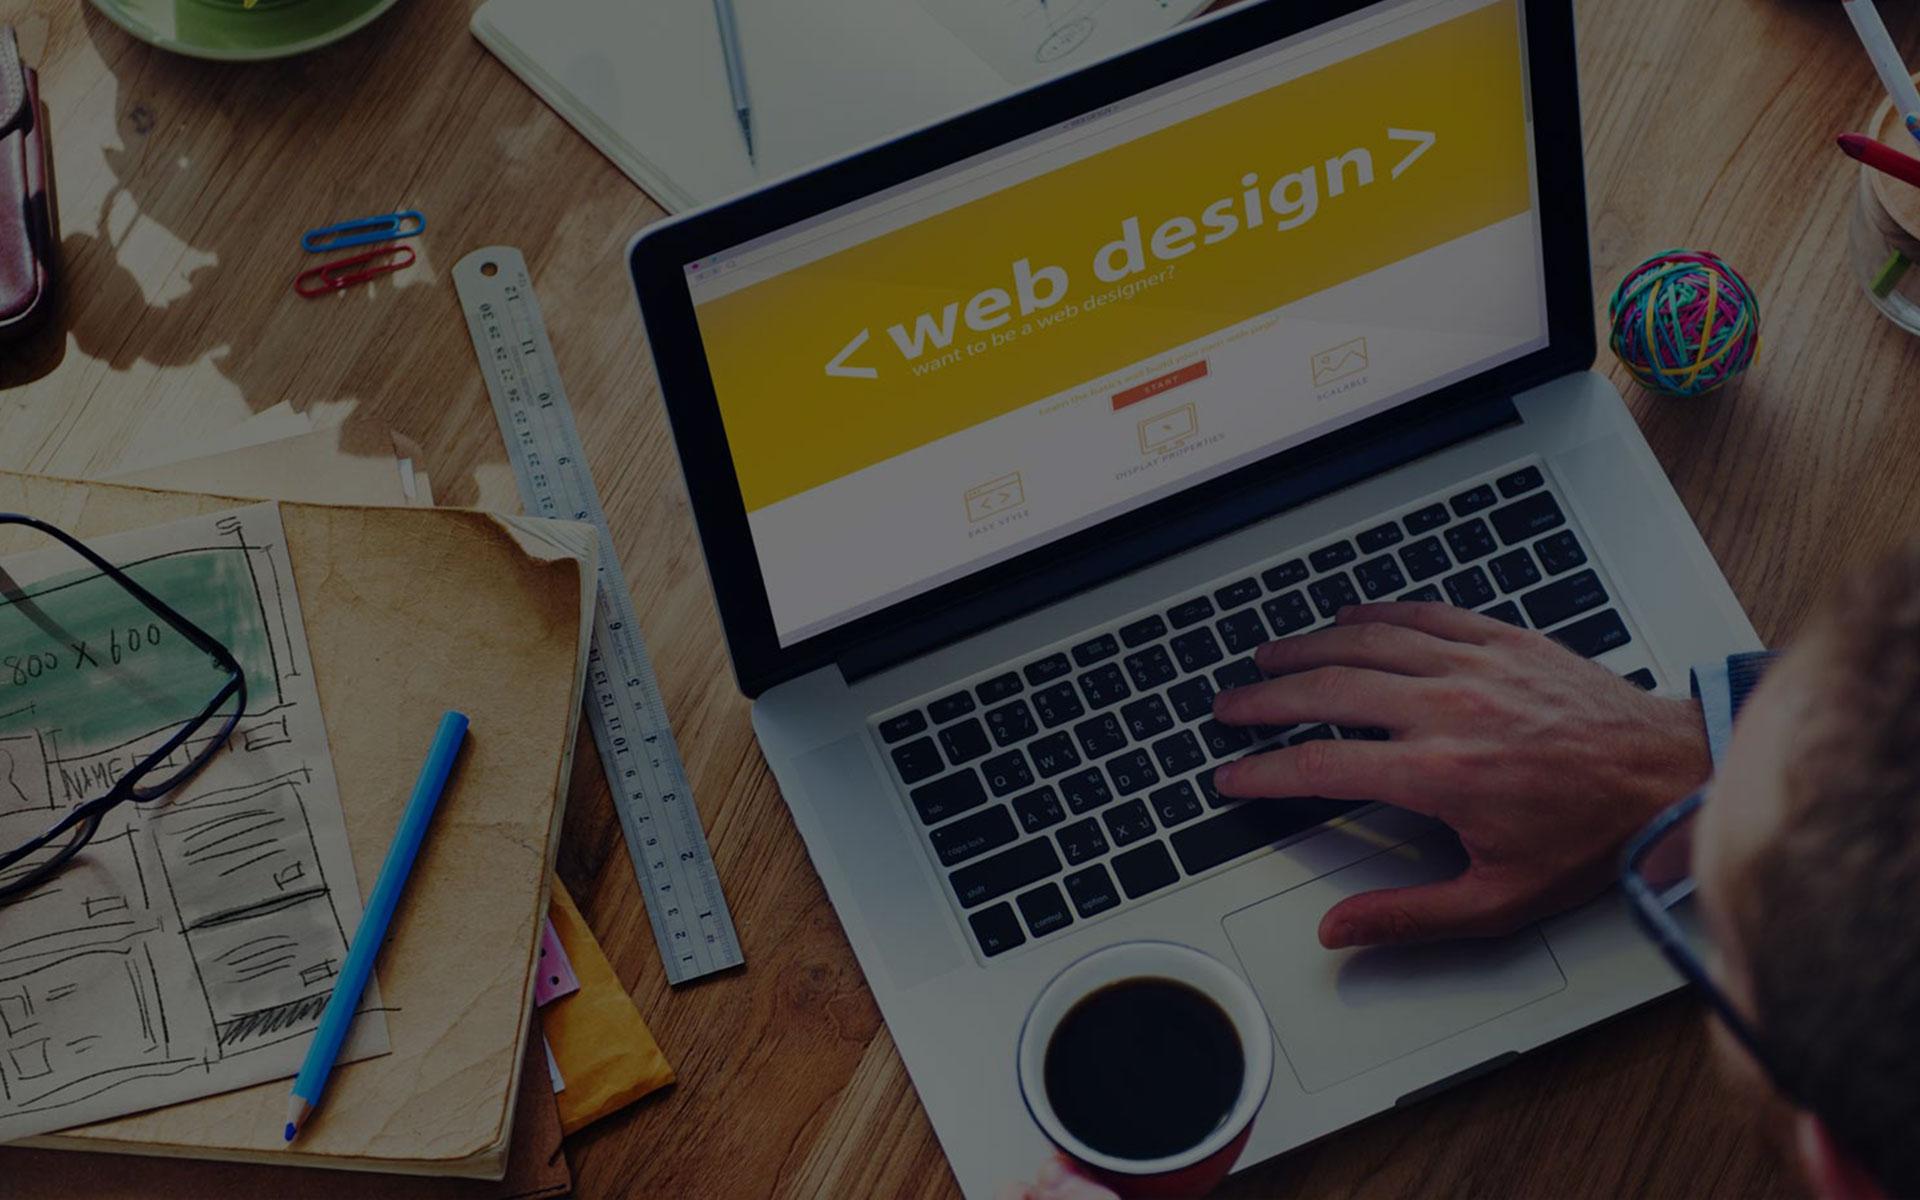 طراحی سایت با وب آوین نت یعنی آرامش…